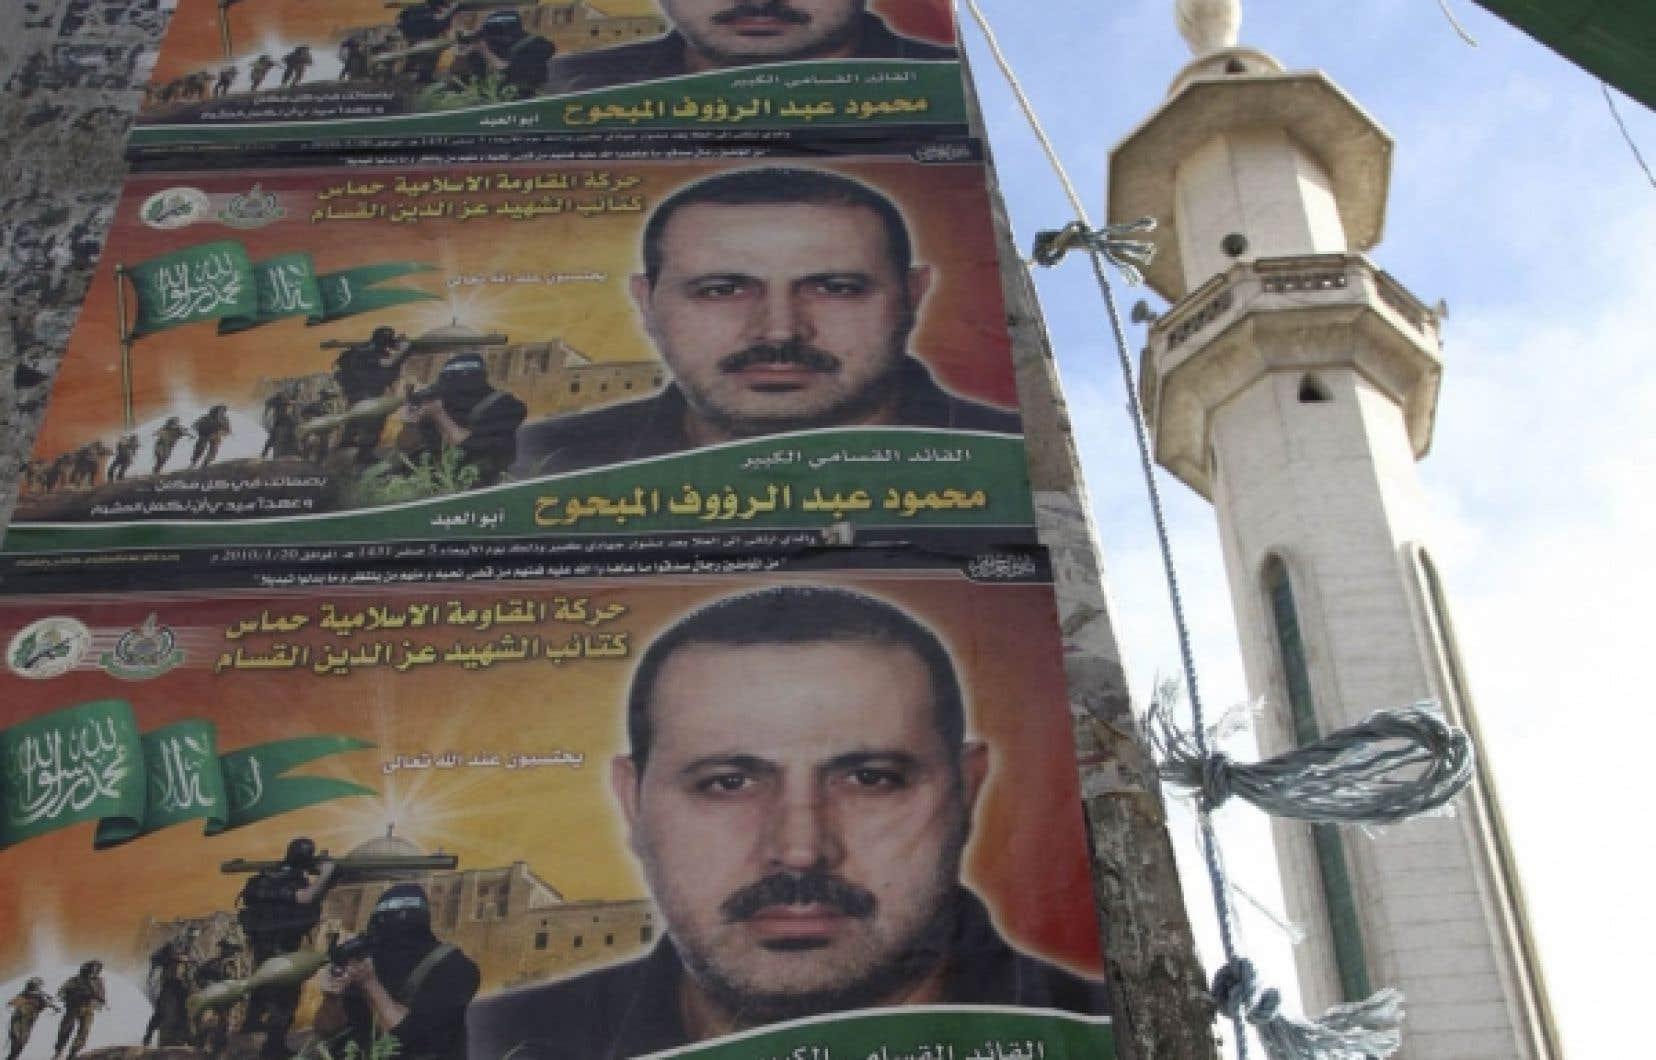 Des affiches de Mahmoud al-Mmabhouh devant une mosquée de Damas.